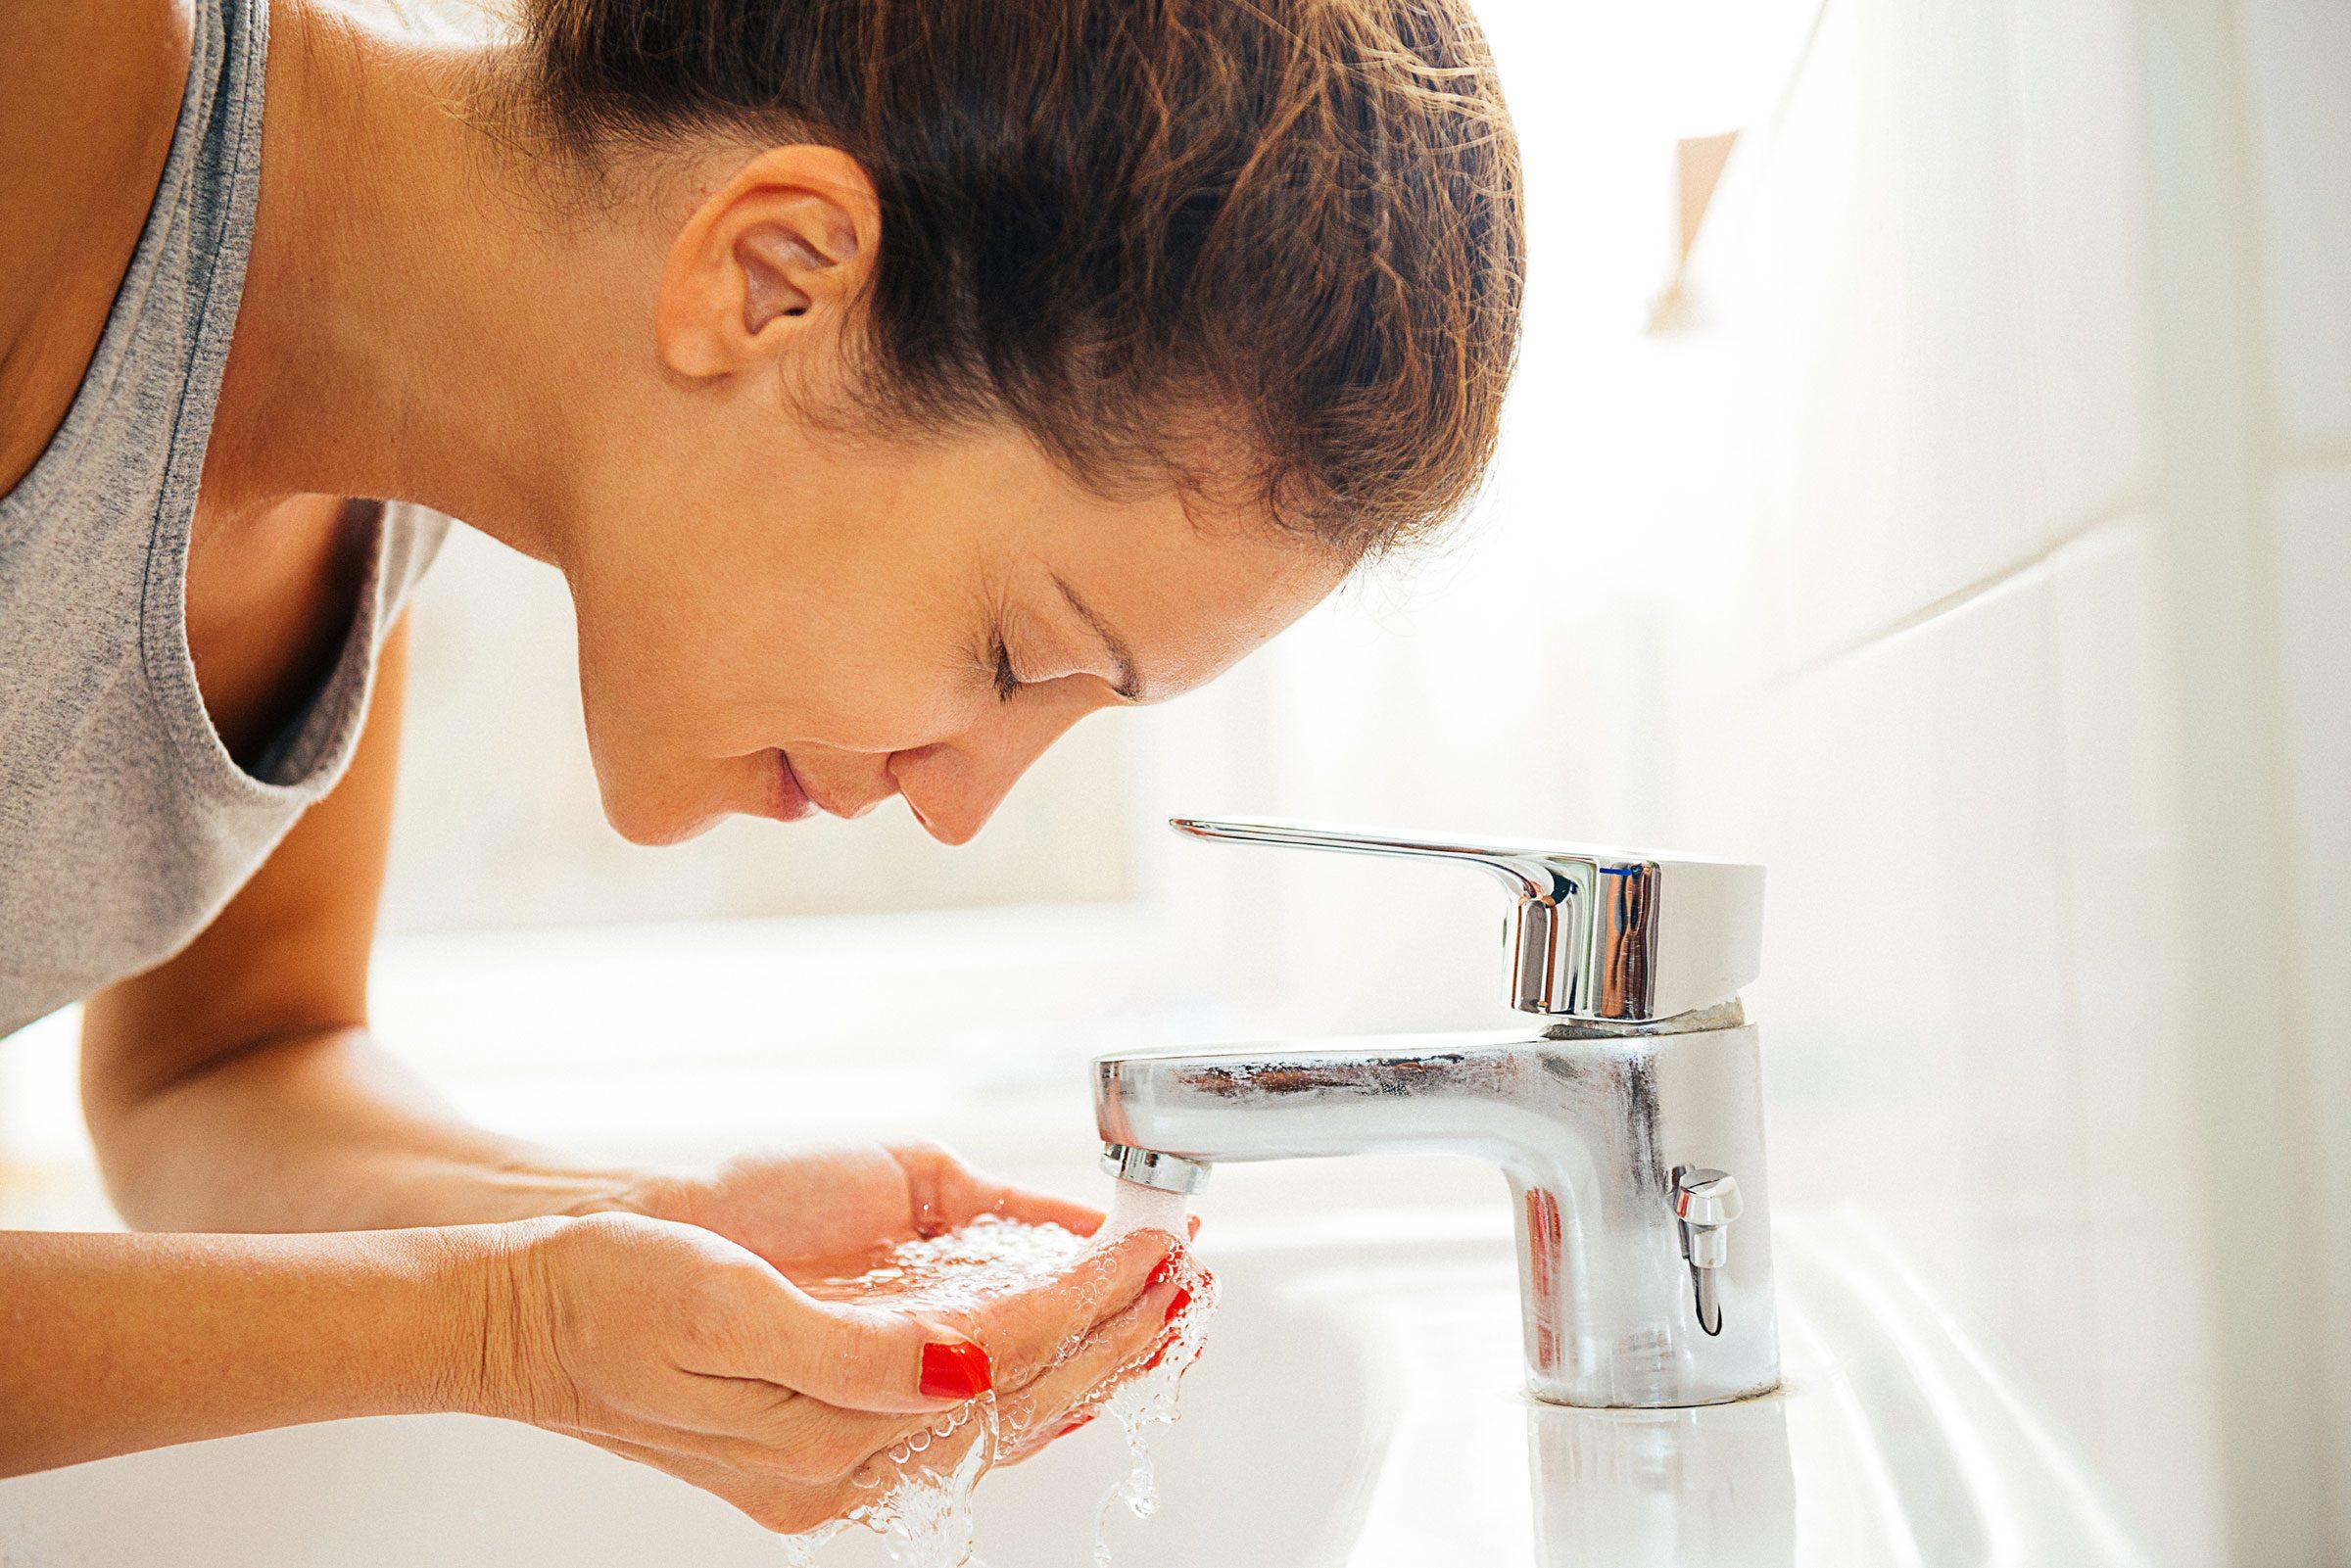 Les gens avec une belle peau ont pris l'habitude de se laver le visage avec un nettoyant doux.